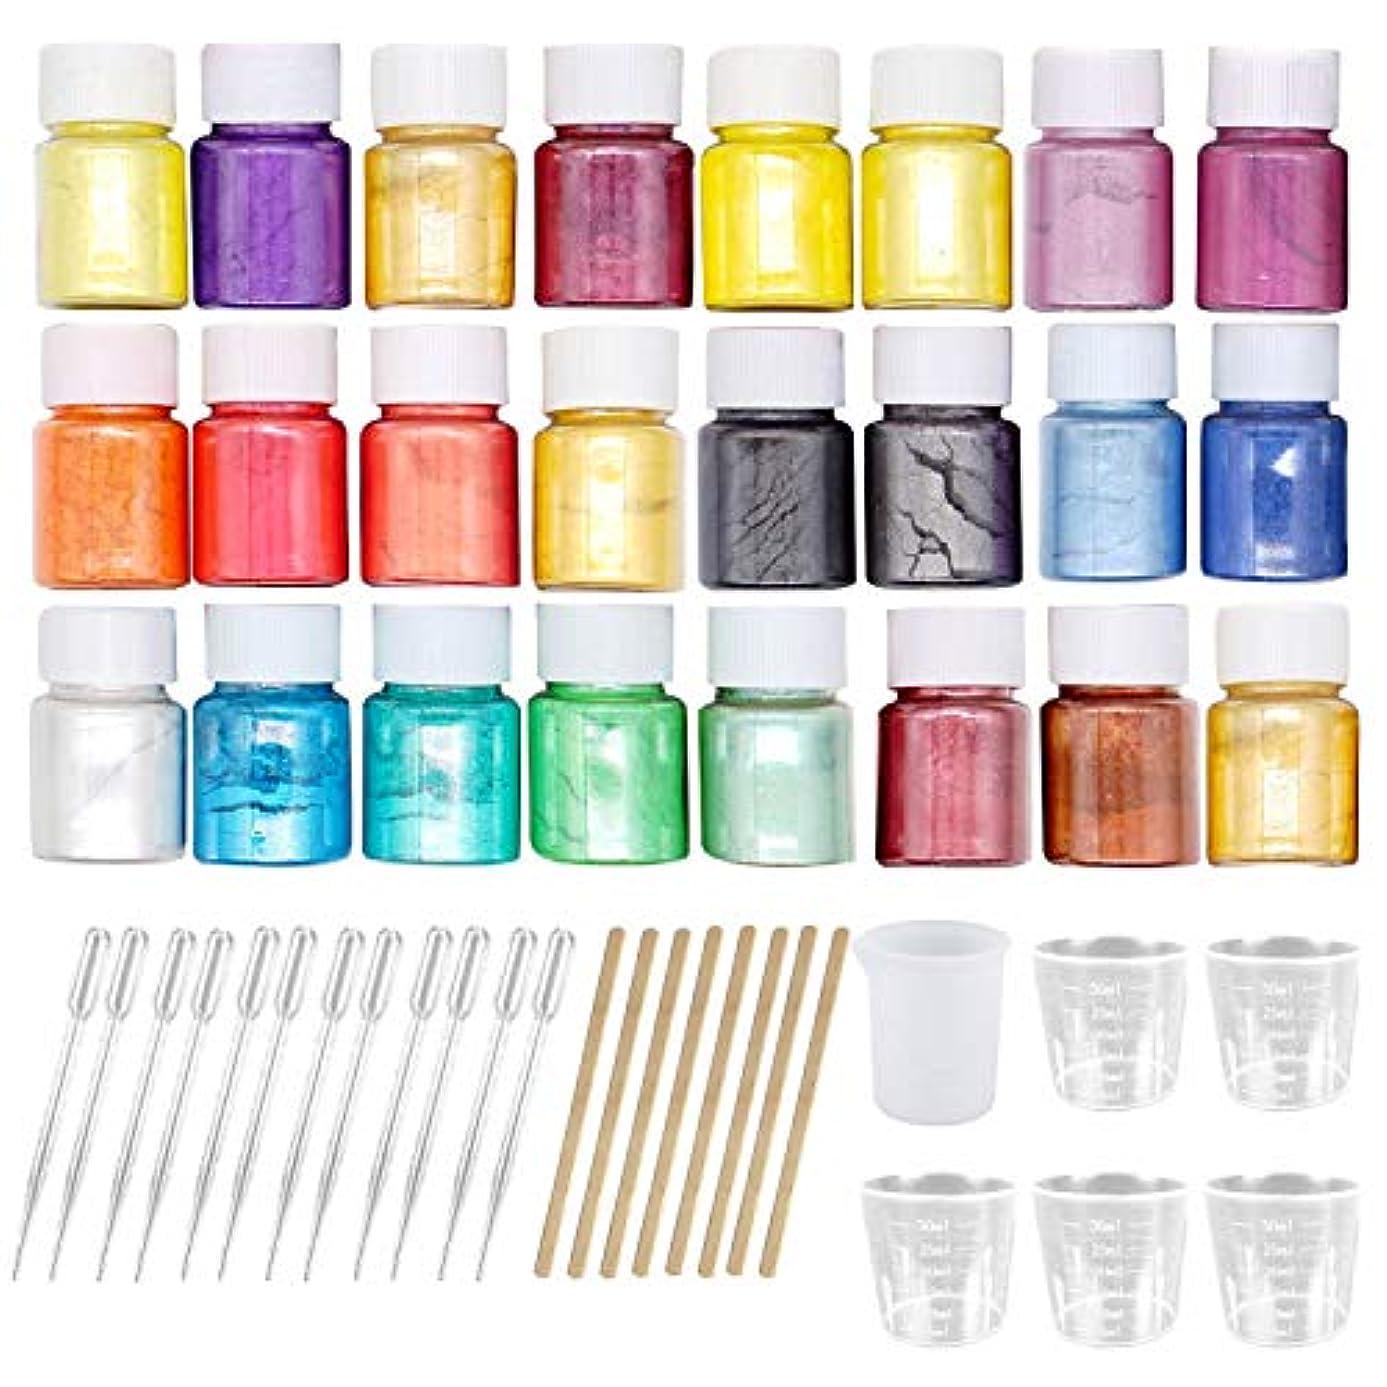 ビーチ談話初期マイカパウダー Migavan マイカパールパウダー 24色着色剤顔料マイカパールパウダー+ 8ピース木製ロッド+ 6ピース計量カップ+ 12ピーススポイト用diyクラフトスライム用品ランダムな色